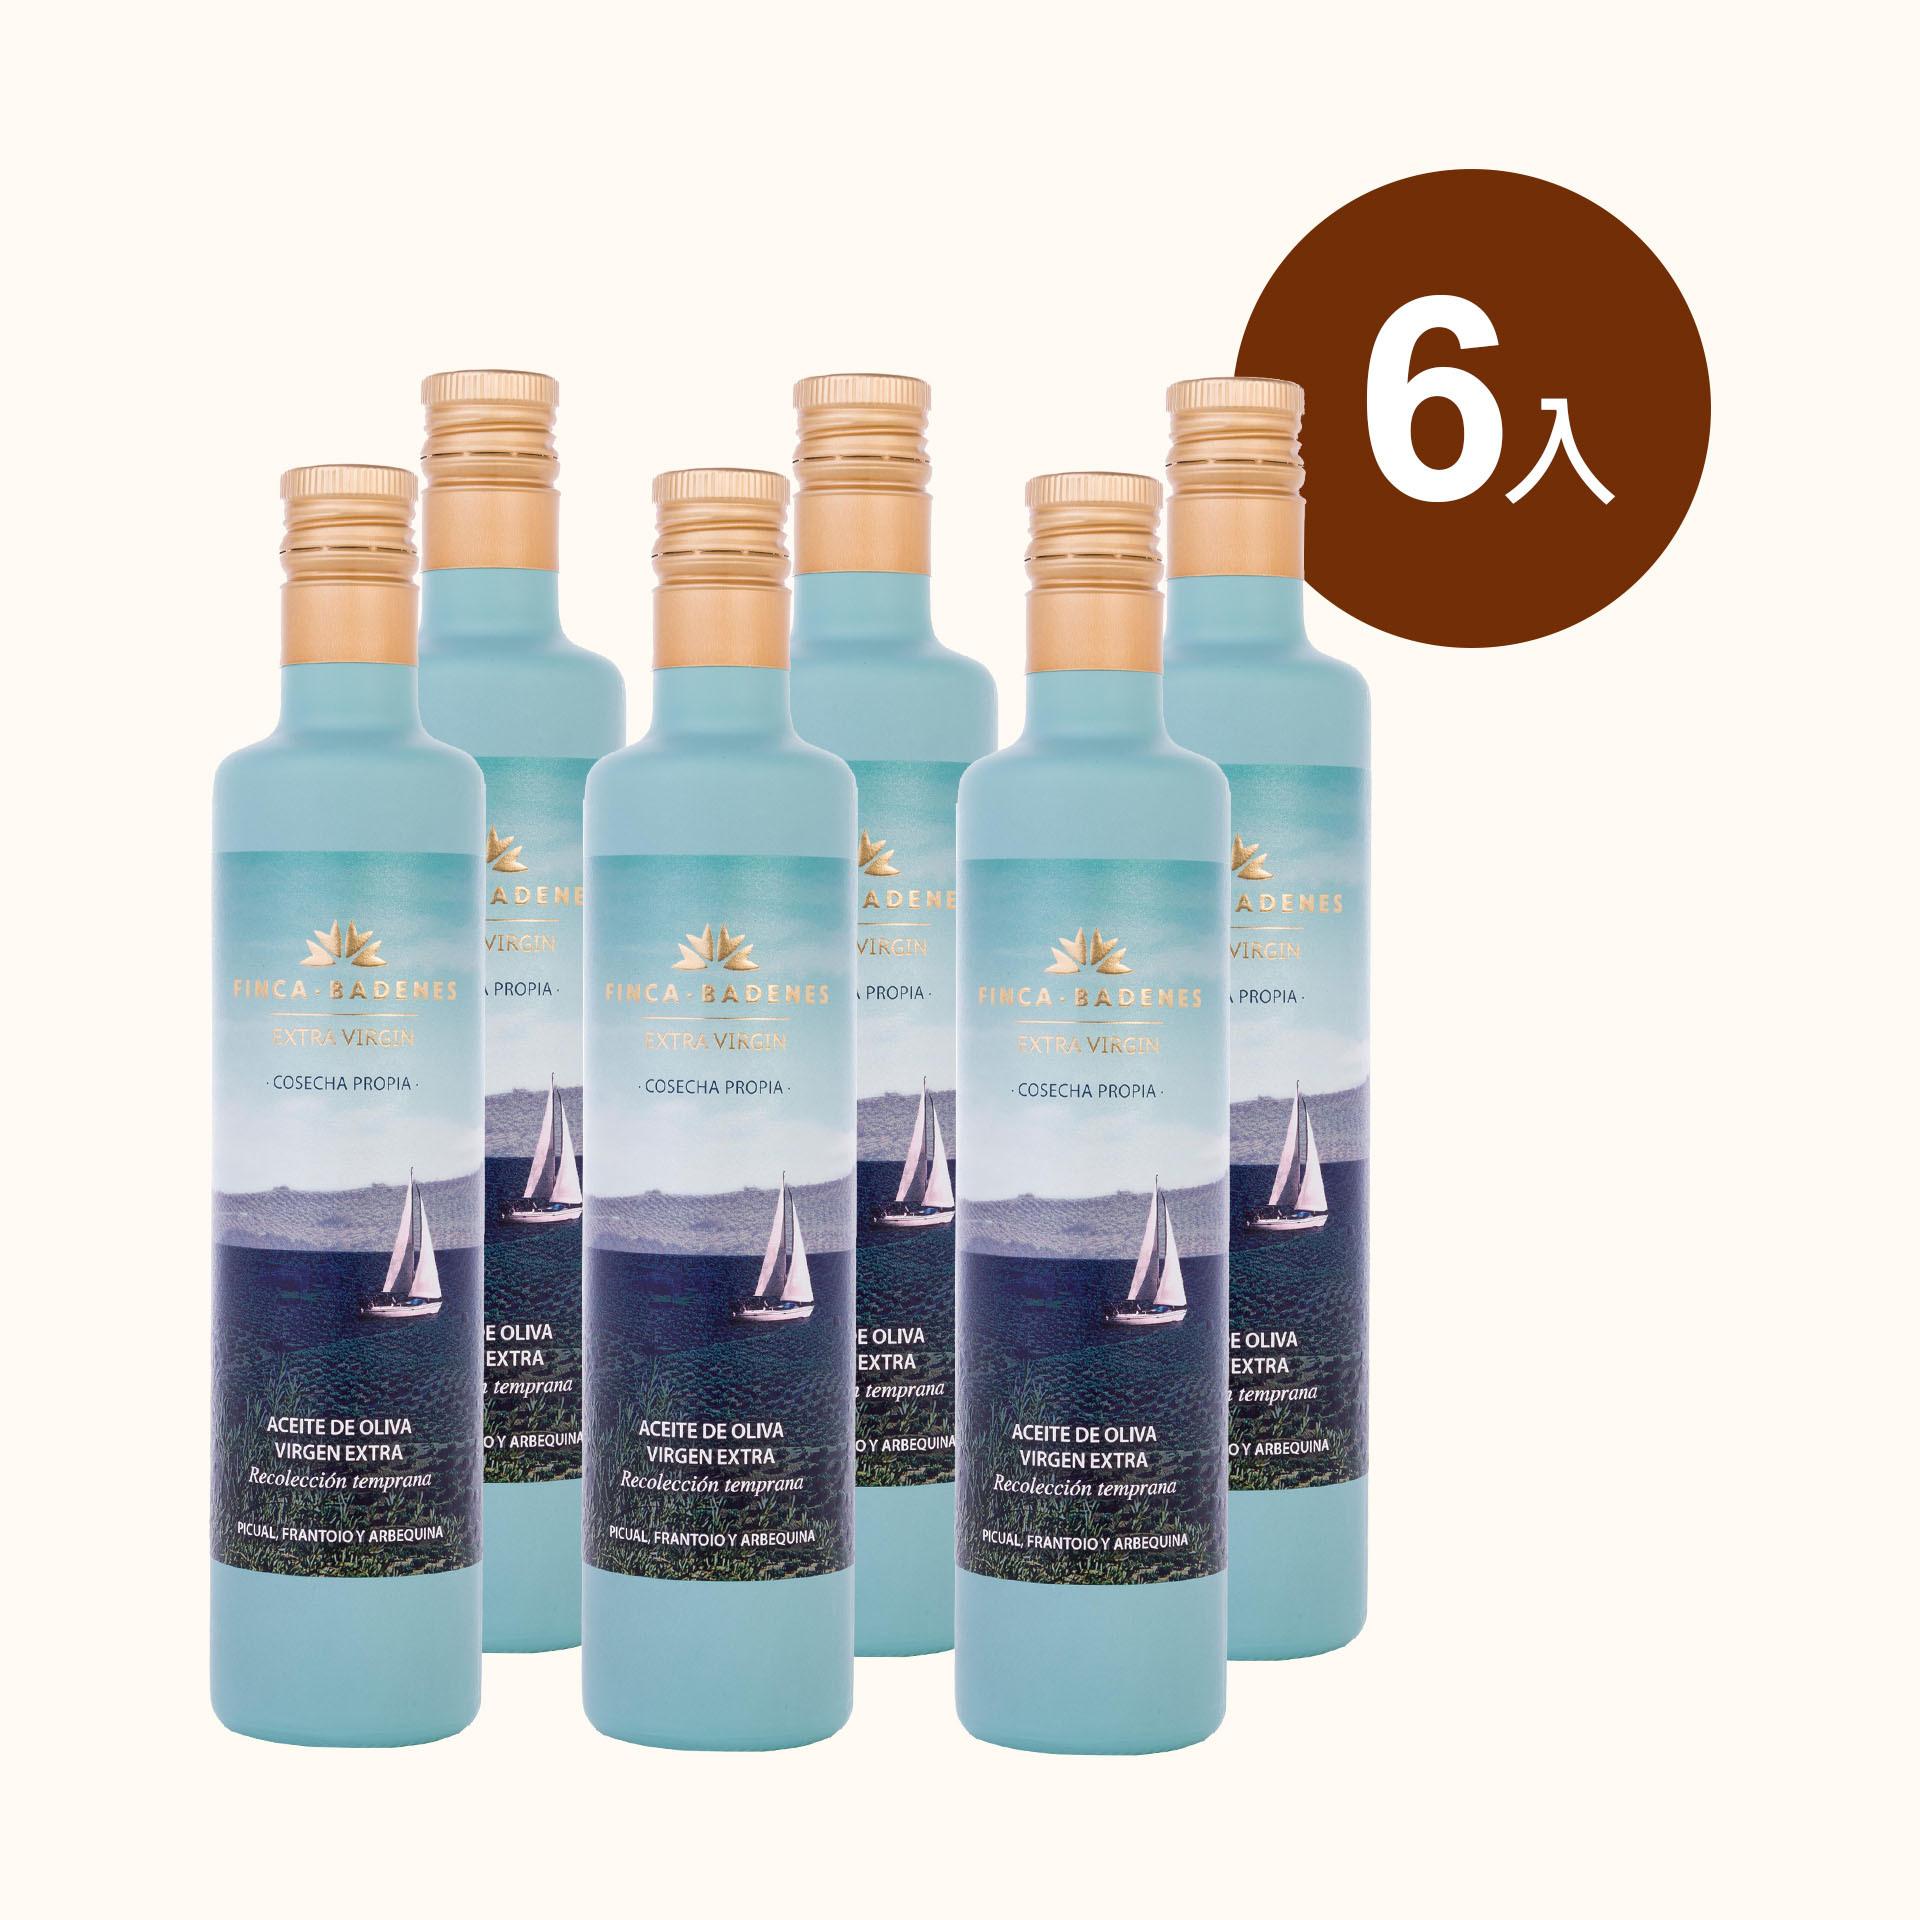 【箱箱購-早鳥預購】巴狄尼絲莊園頂級初榨橄欖油500ml*6瓶